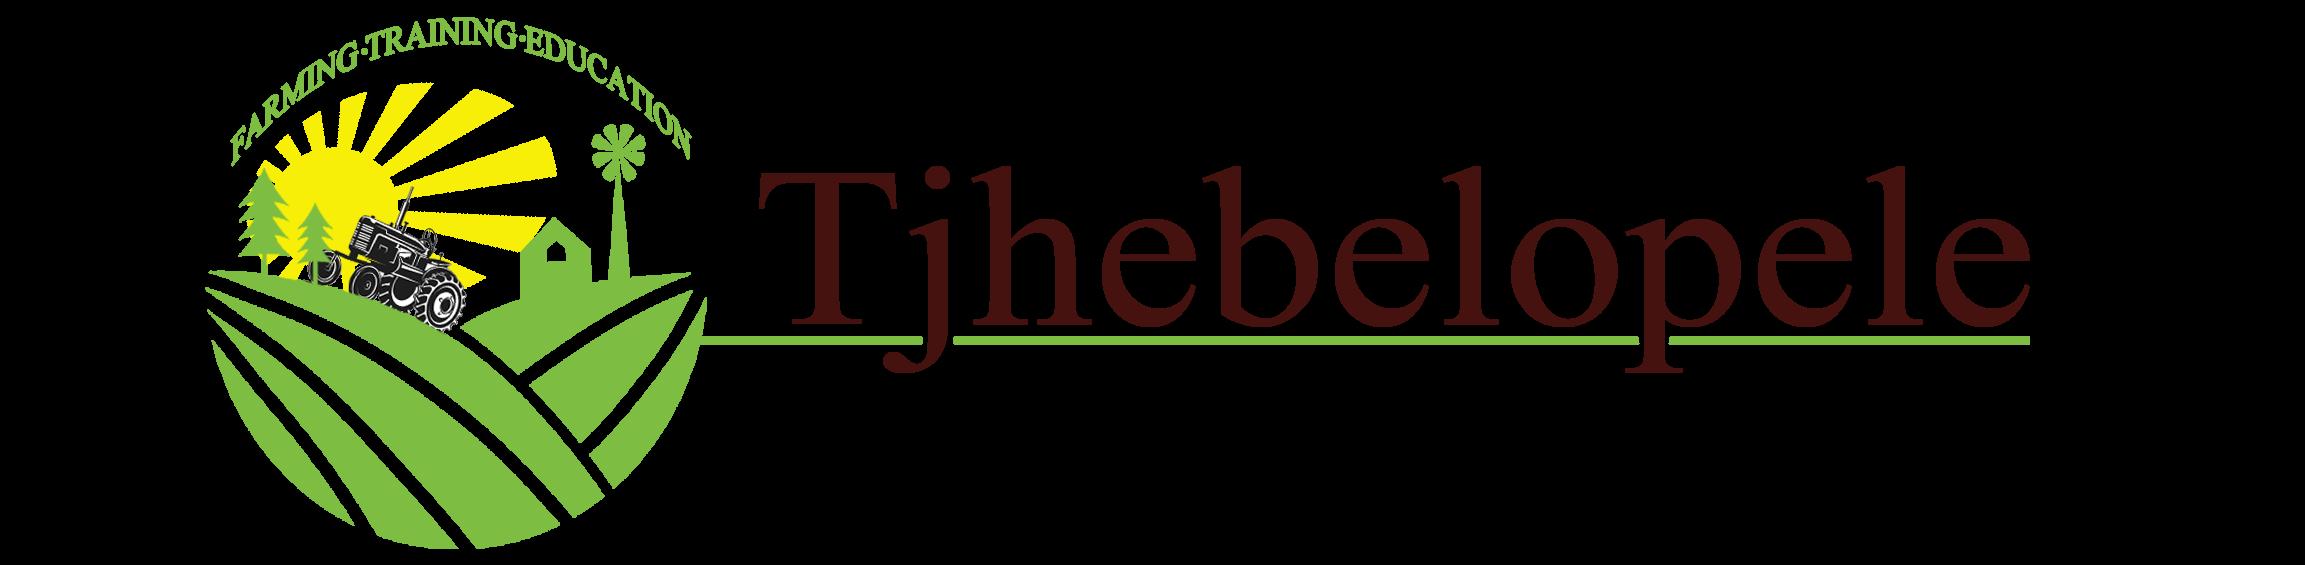 Tjhebelopele Institute of Agriculture